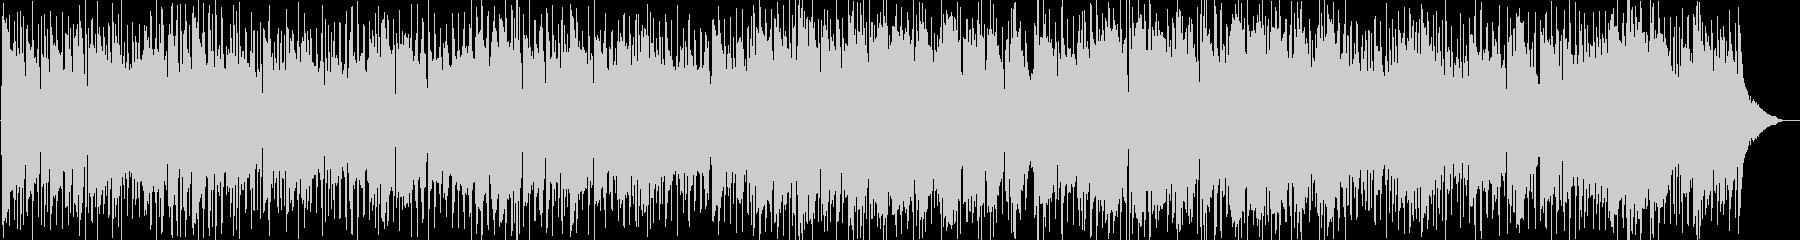 ブルージーなロックバラードの未再生の波形